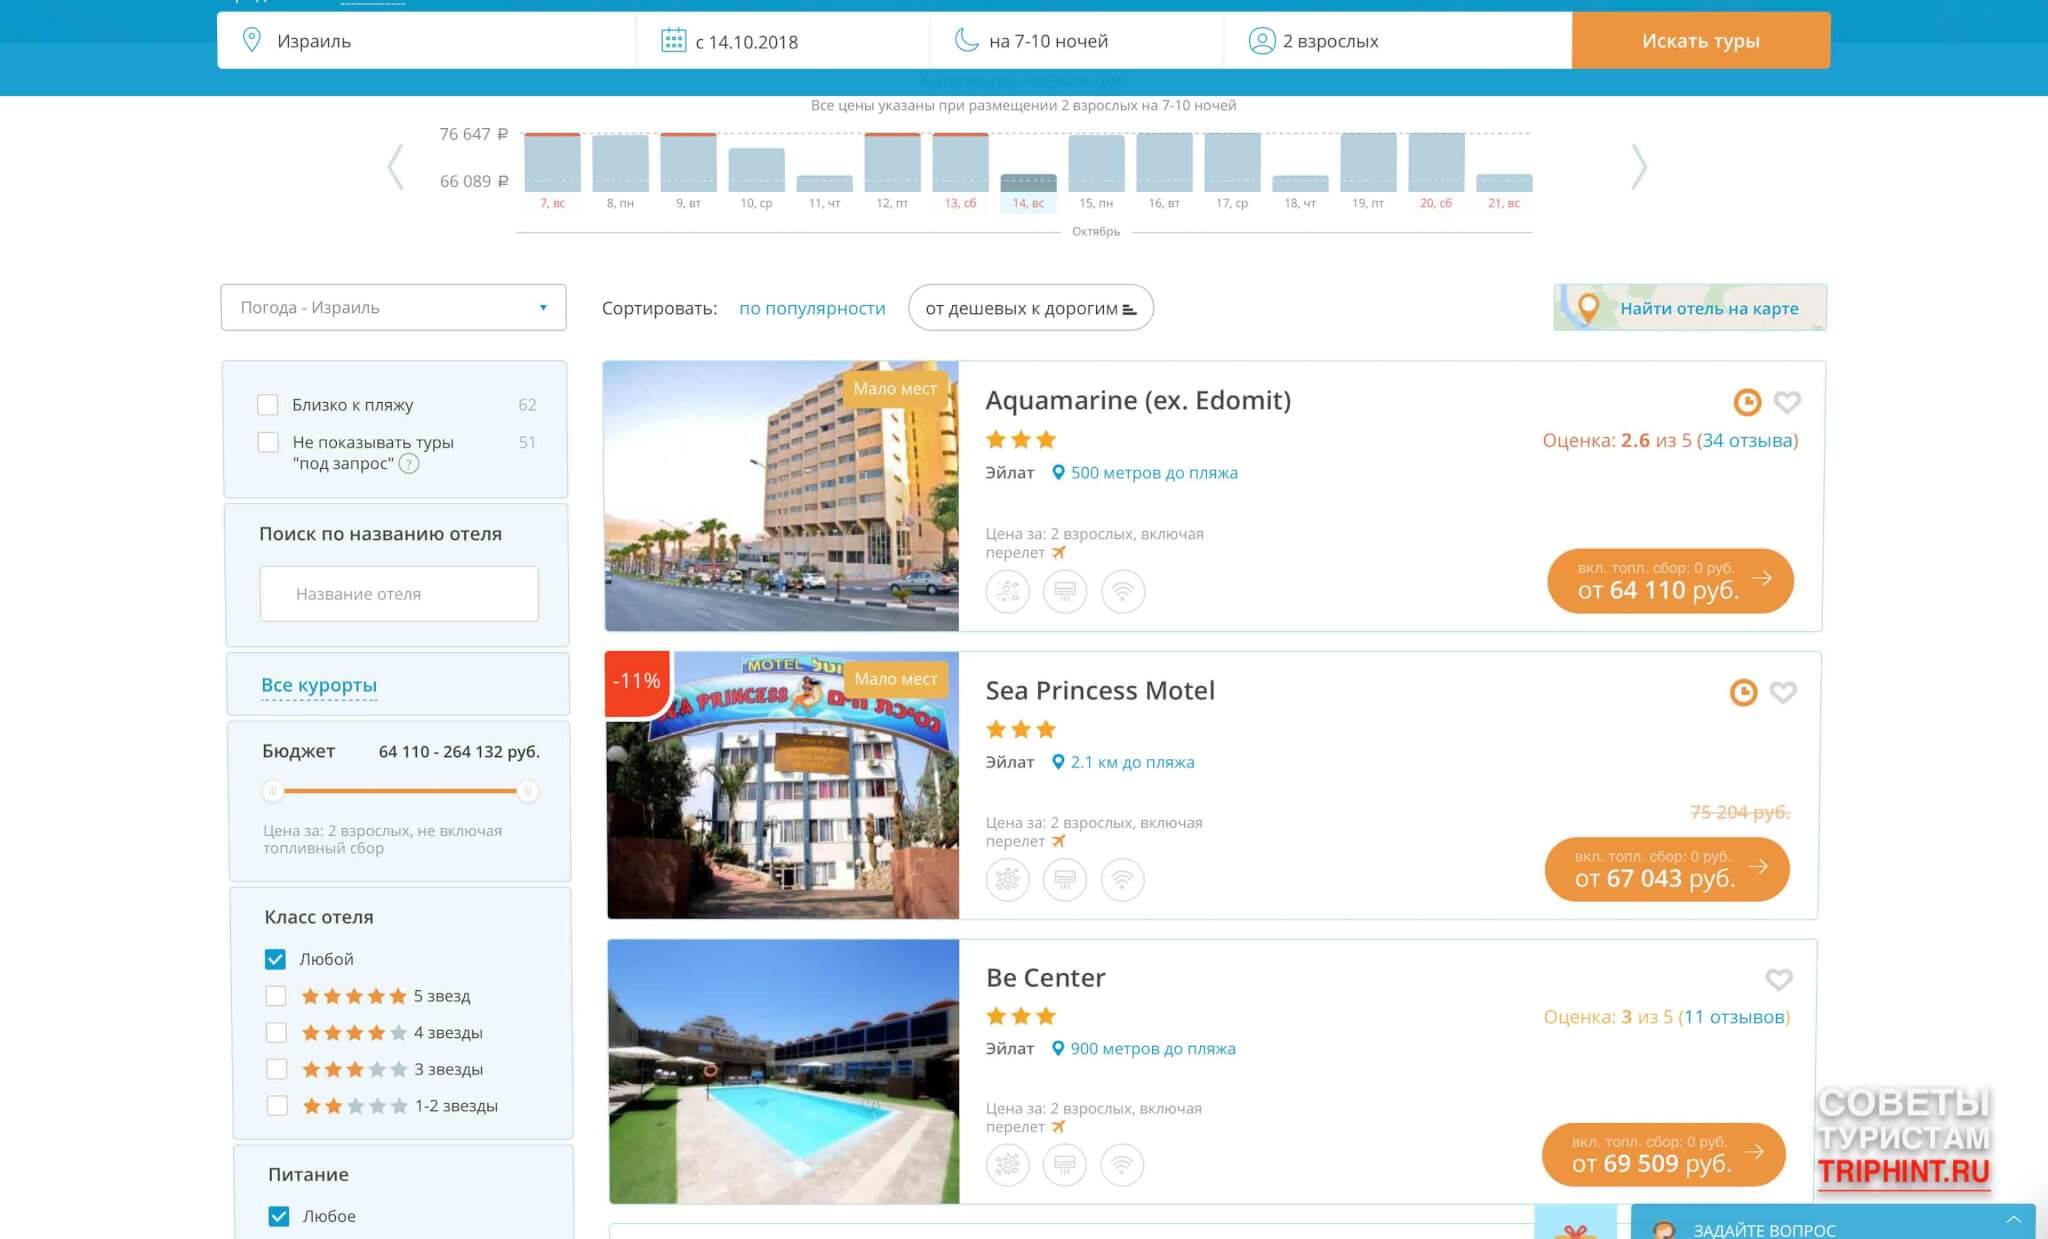 Цены на туры в Израиль в октябре. Отели Aquamarine, Be center, Sea Princess Motel в Эйлате